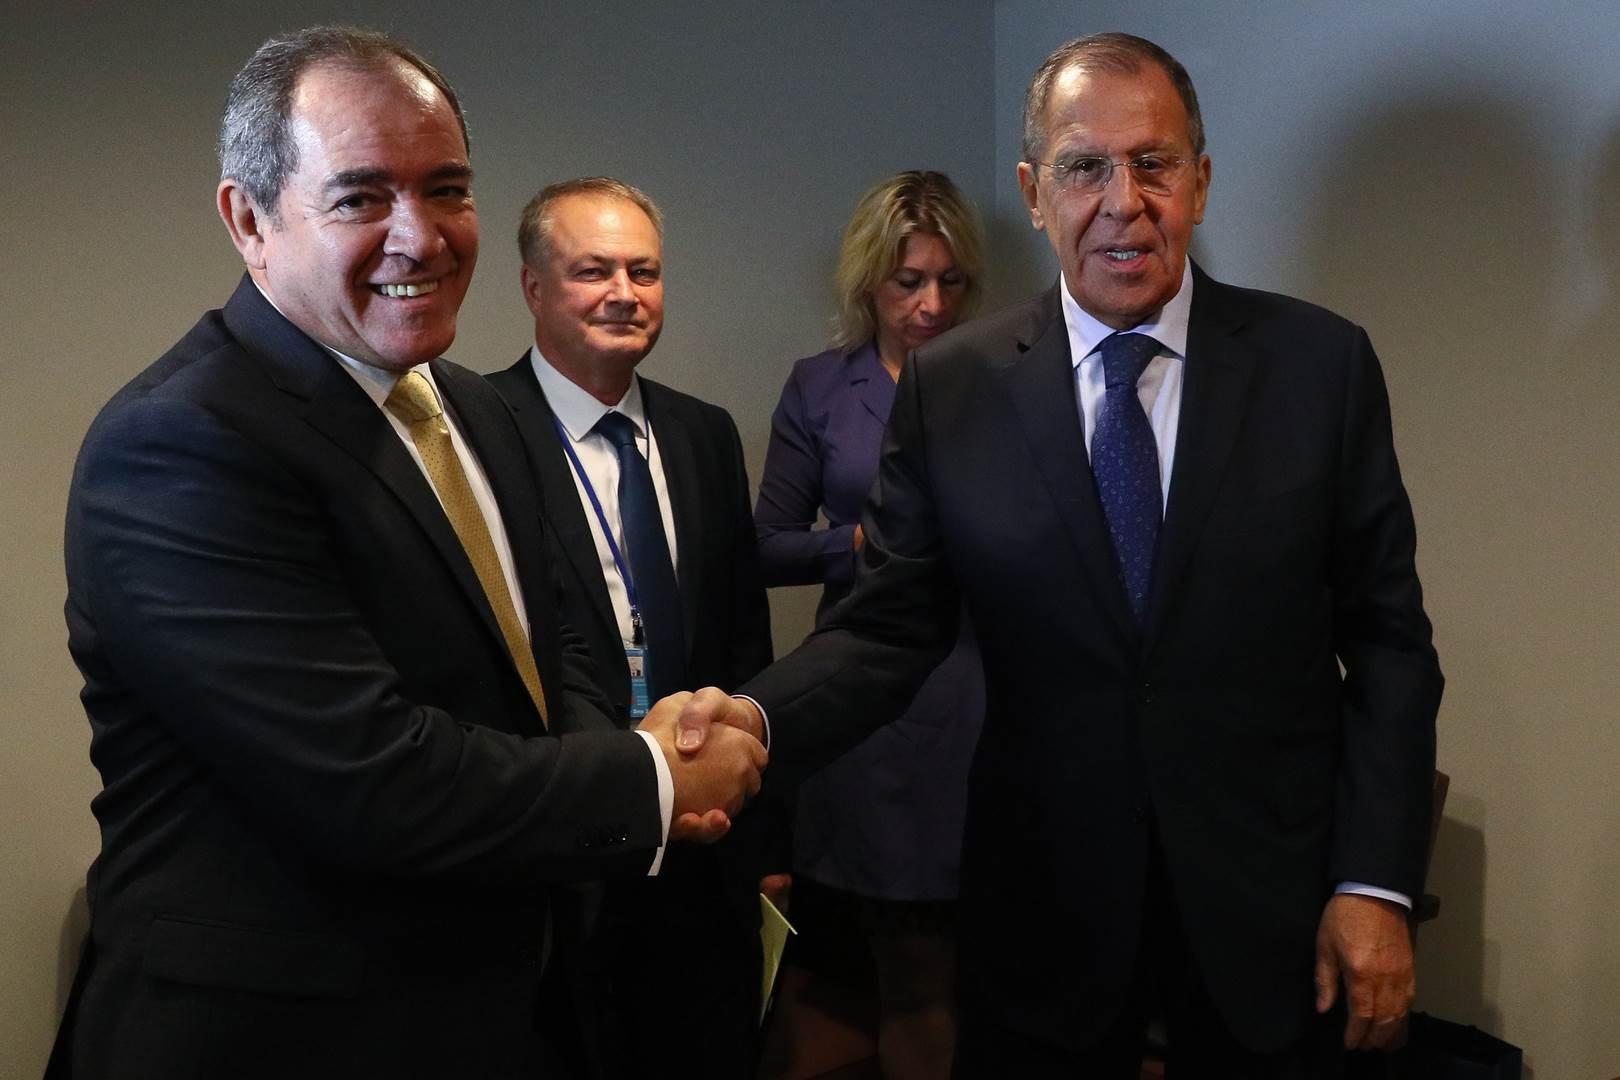 وزيرالخارجية الروسي سيرغي لافروف يستقبل نظيره الجزائري صبري بوقادوم